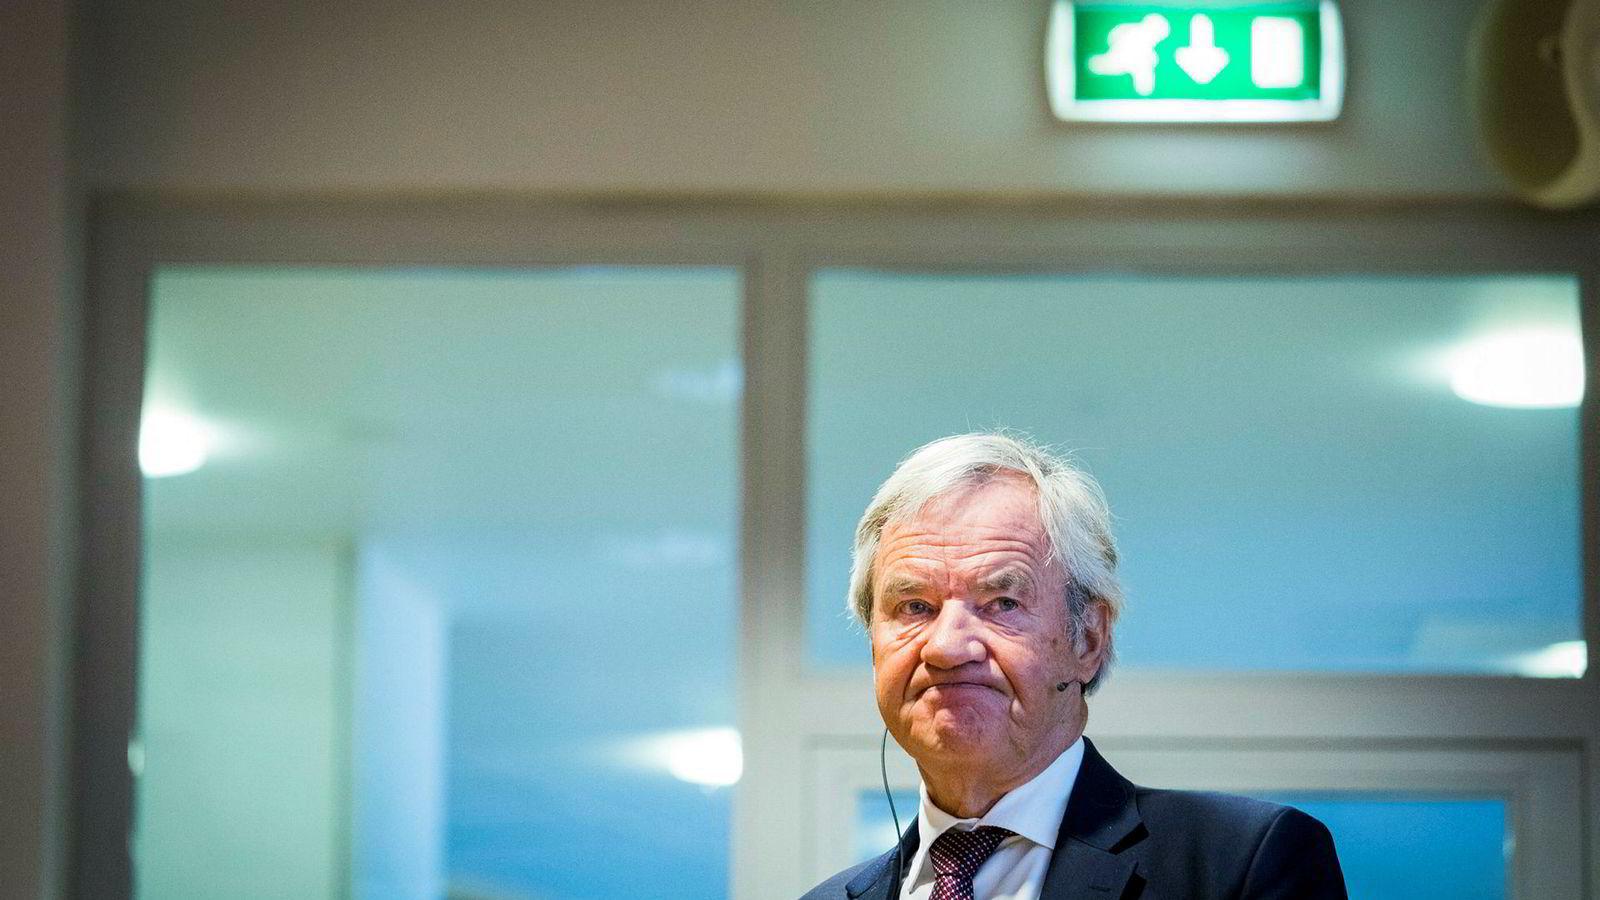 Norwegian har gått på store urealiserte tap på drivstoffkontrakter etter at oljeprisen har falt kraftig. Avbildet er konsernsjef Bjørn Kjos.